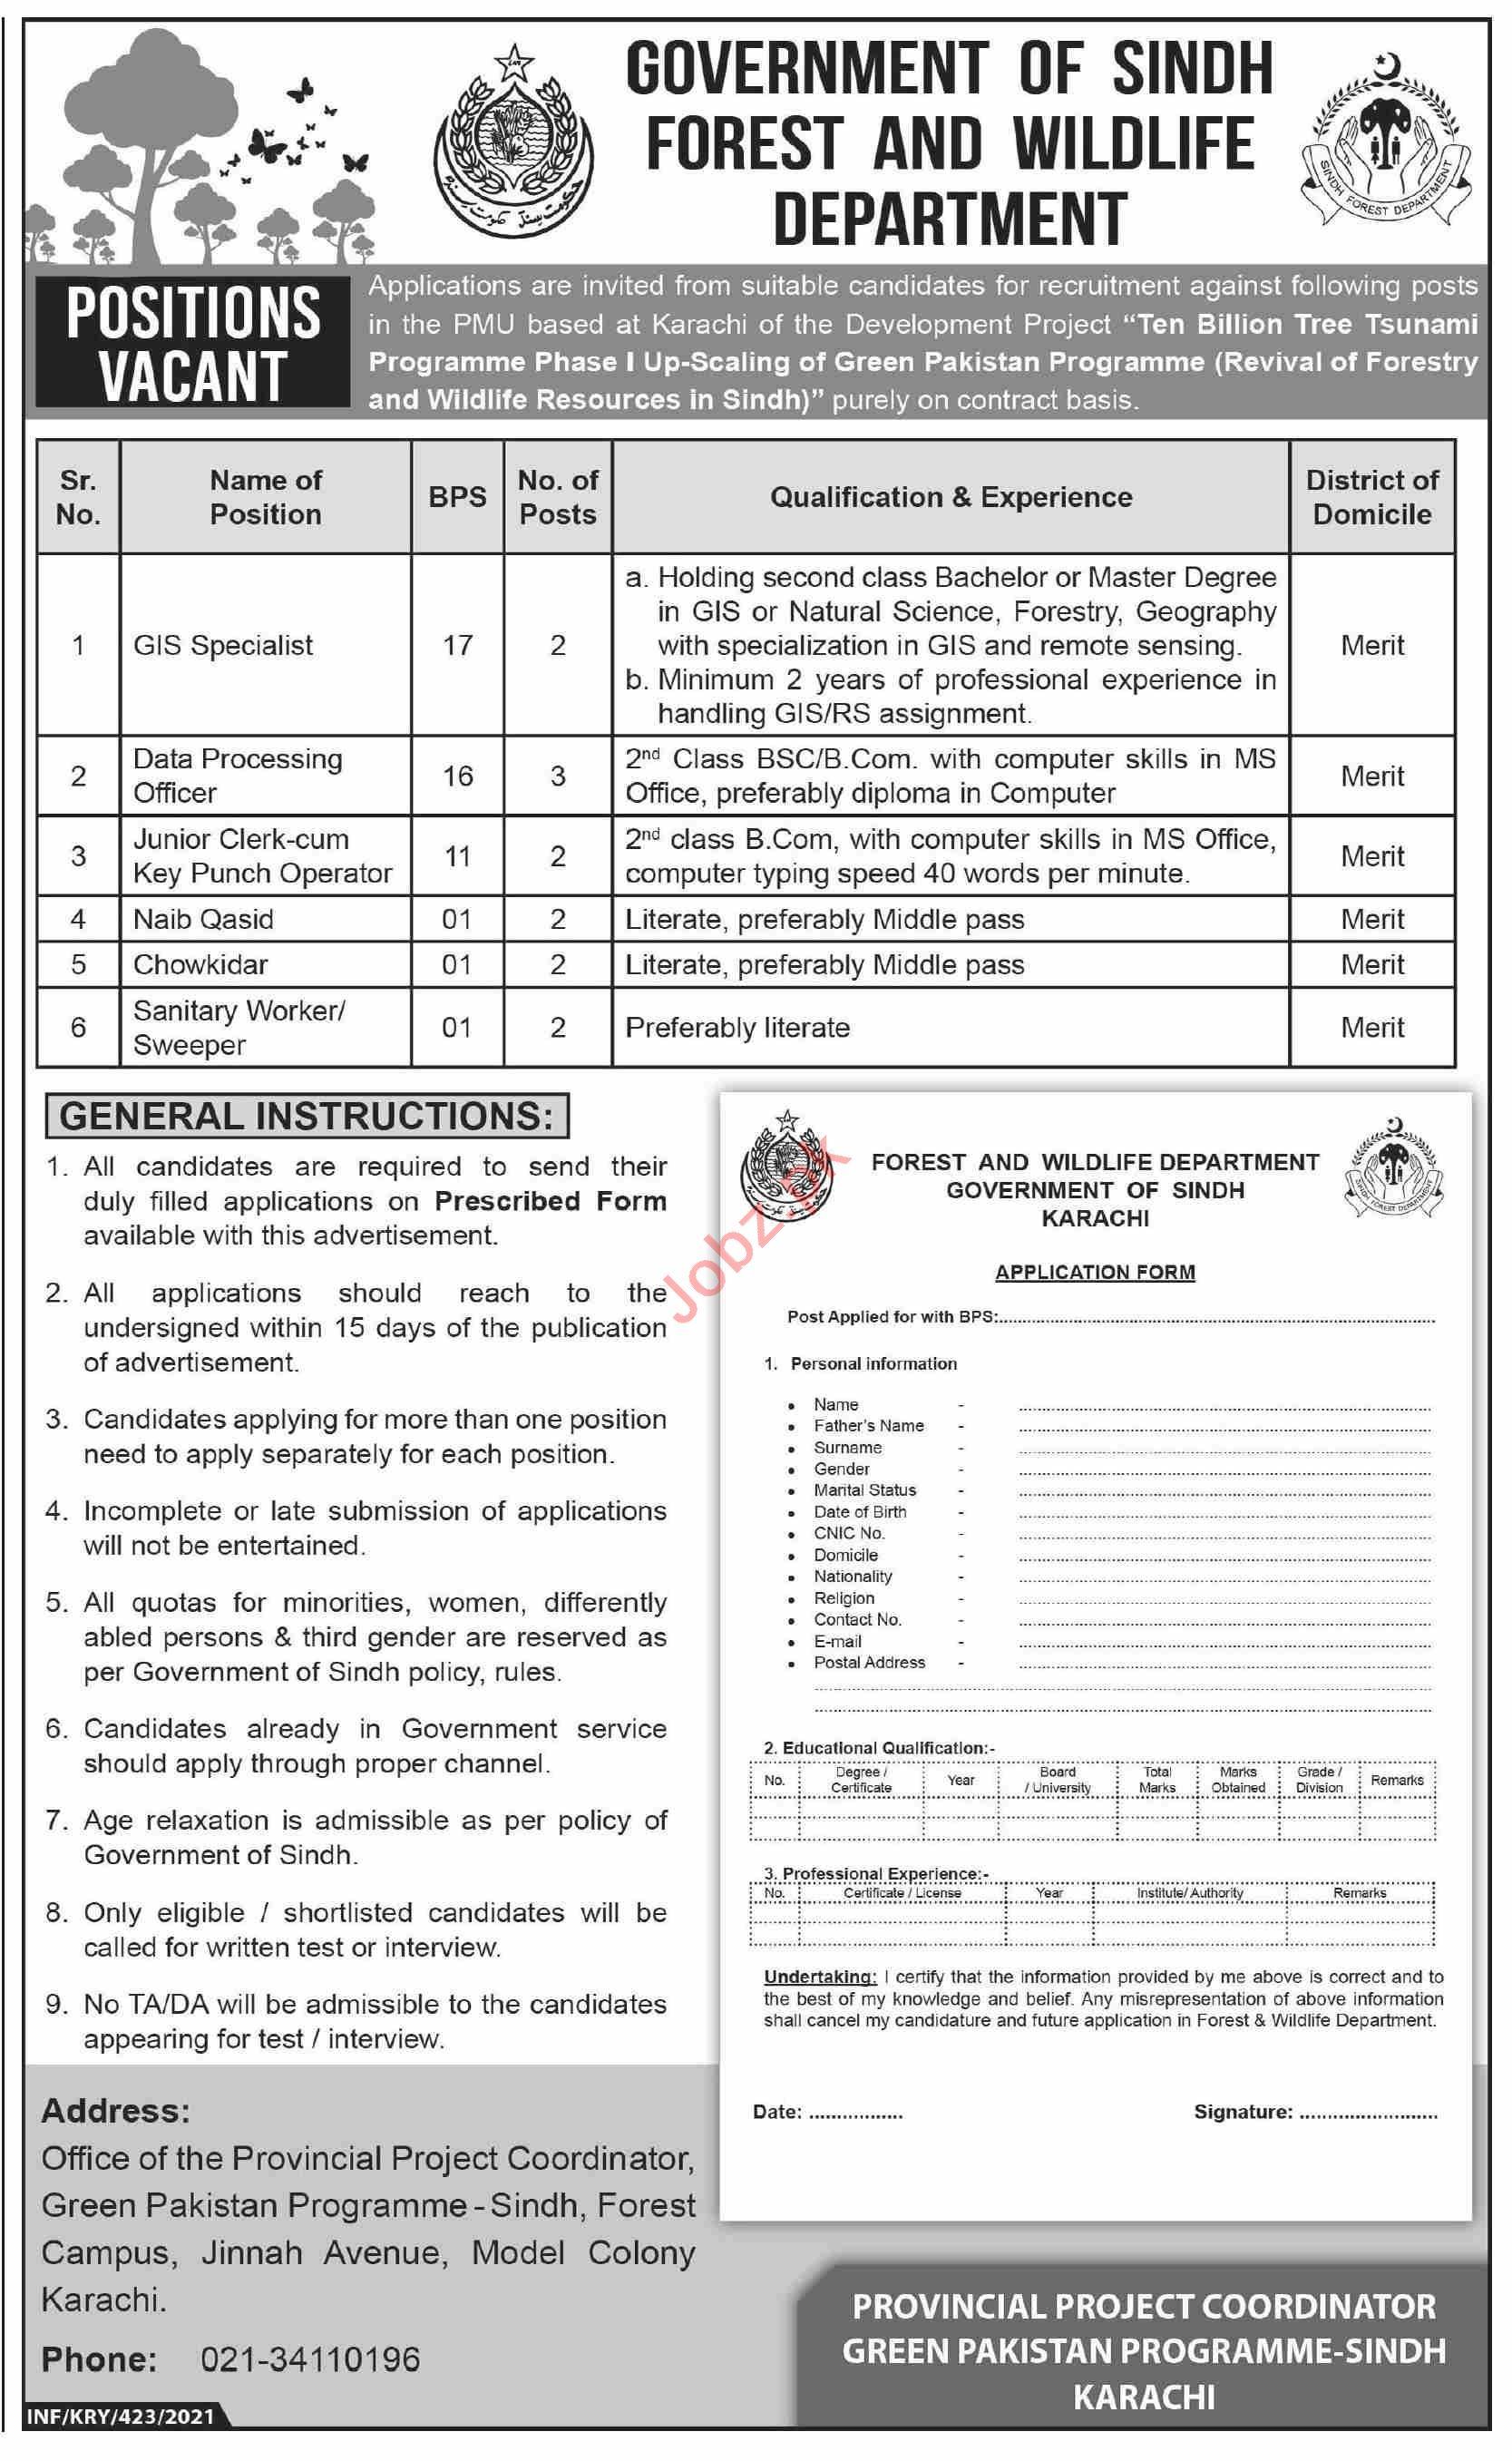 Forest & Wildlife Department Sindh Jobs 2021 GIS Specialist